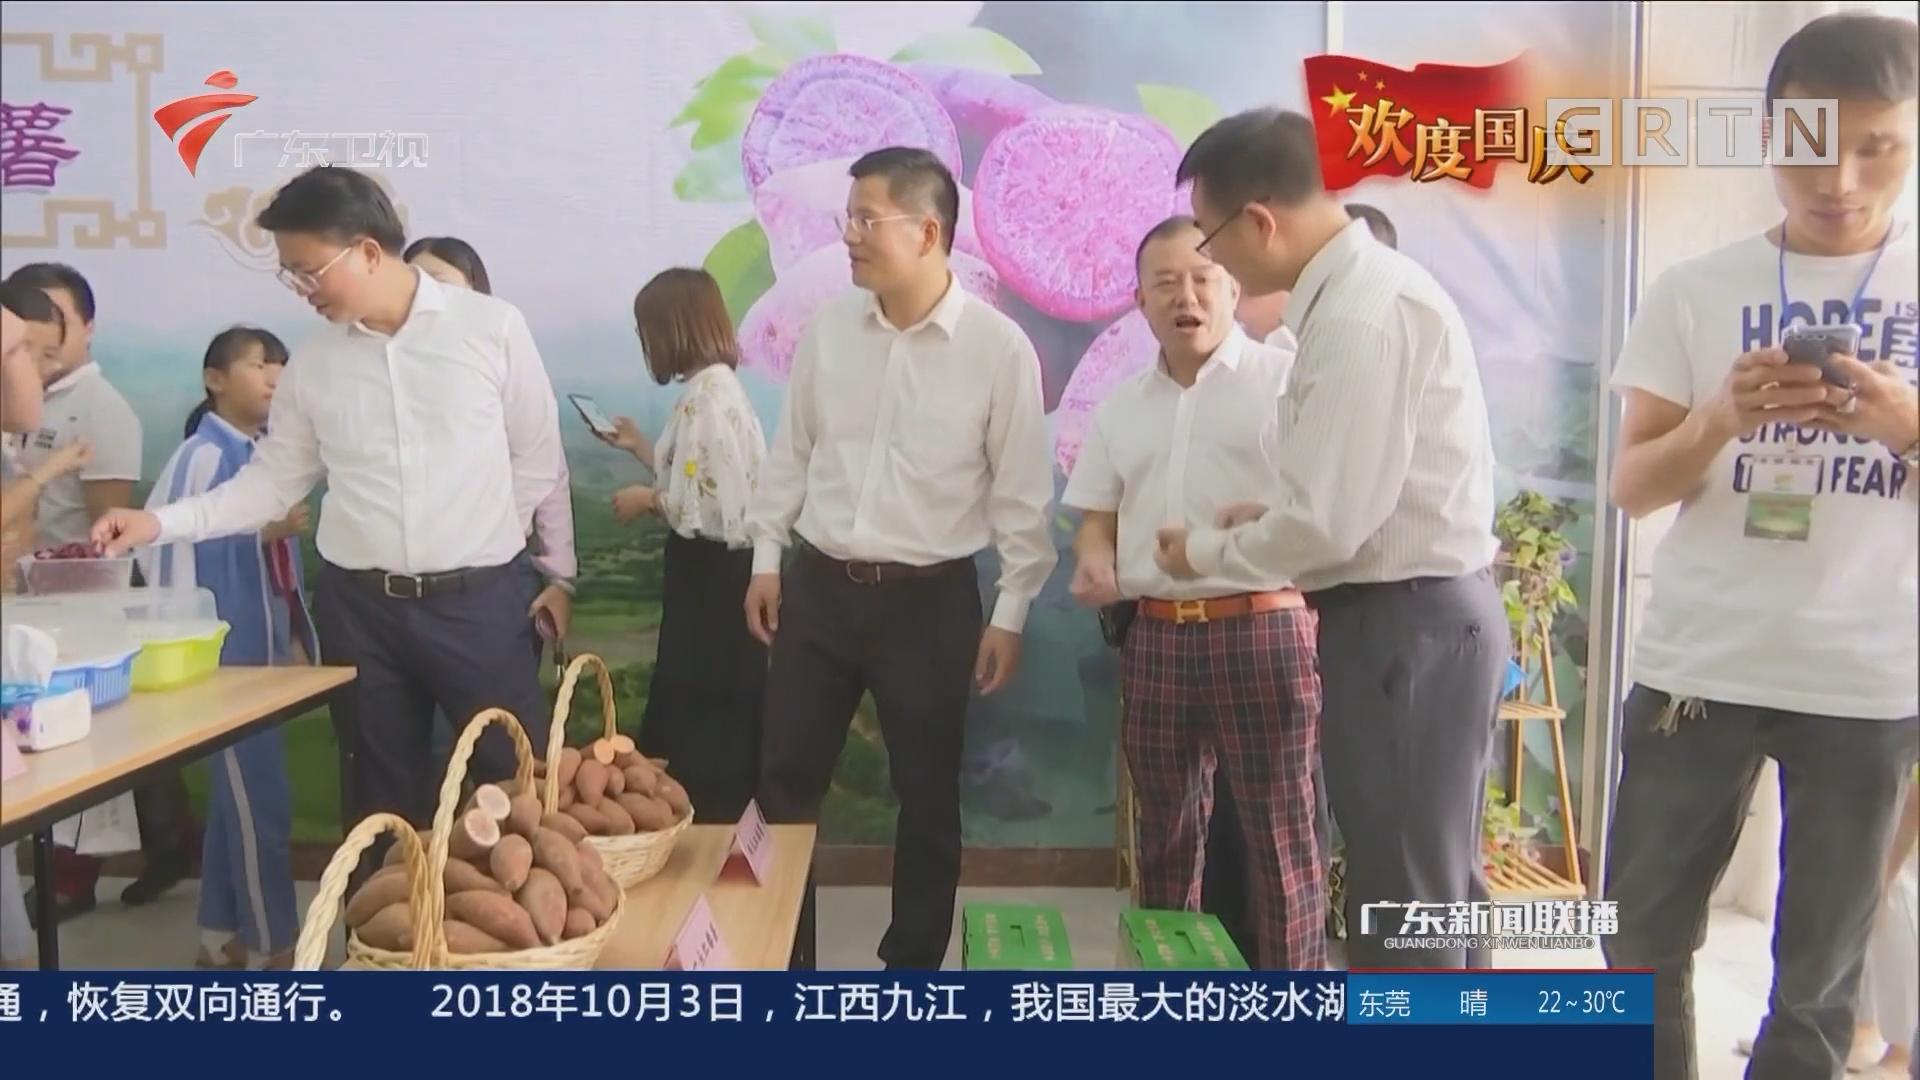 广东:乡村文化活动别具特色 展示农村发展新变化